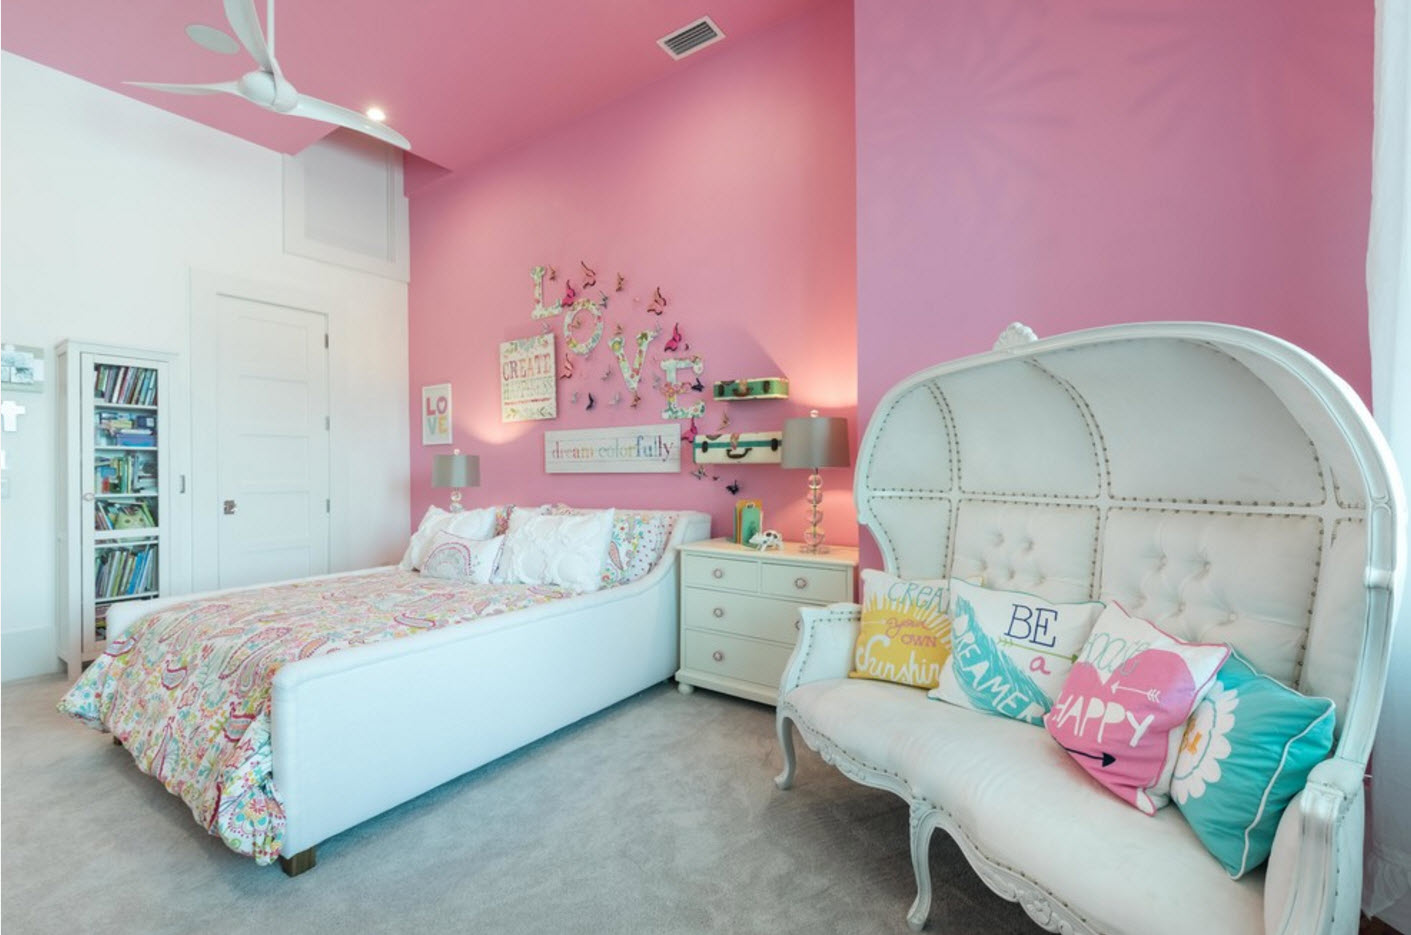 Помещение с розовыми стенами